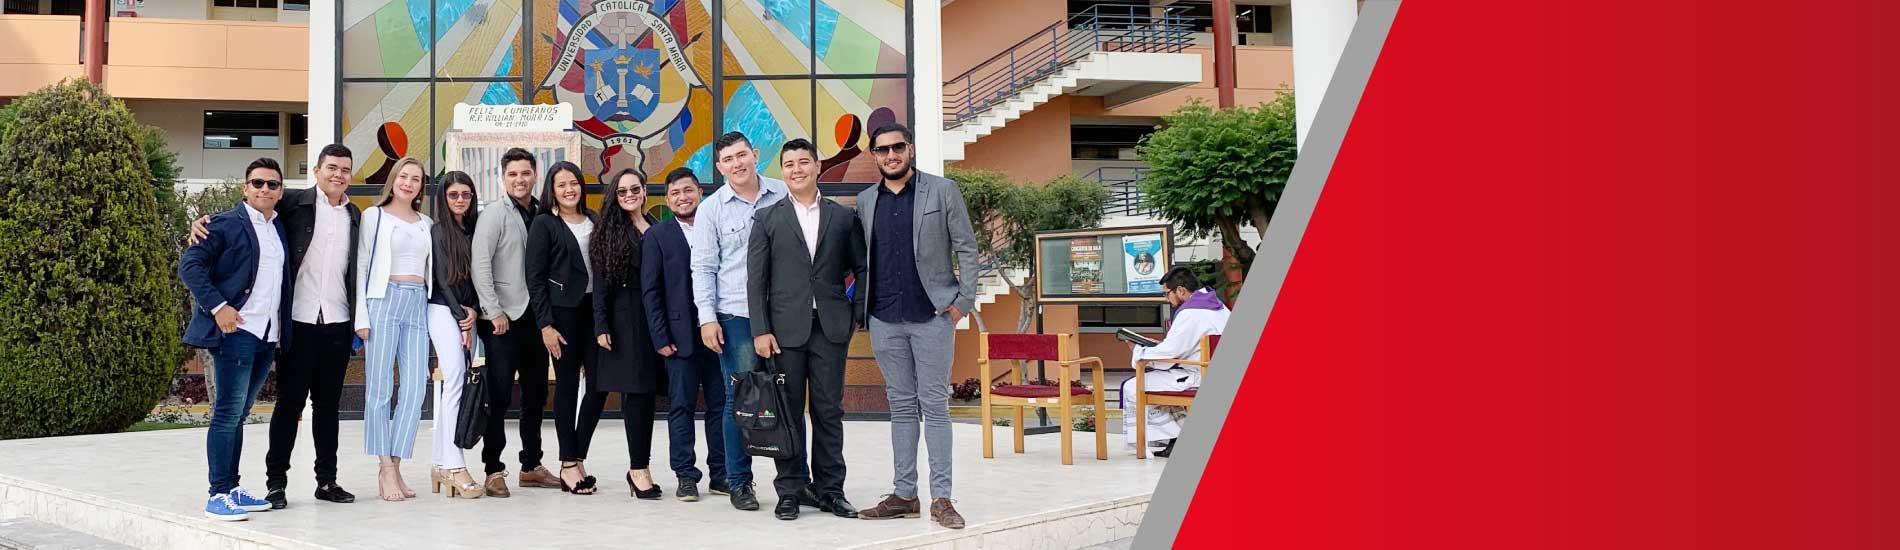 Estudiantes de Ingeniería de Minas participaron del XV CONEIMIN 2019 realizado en Perú